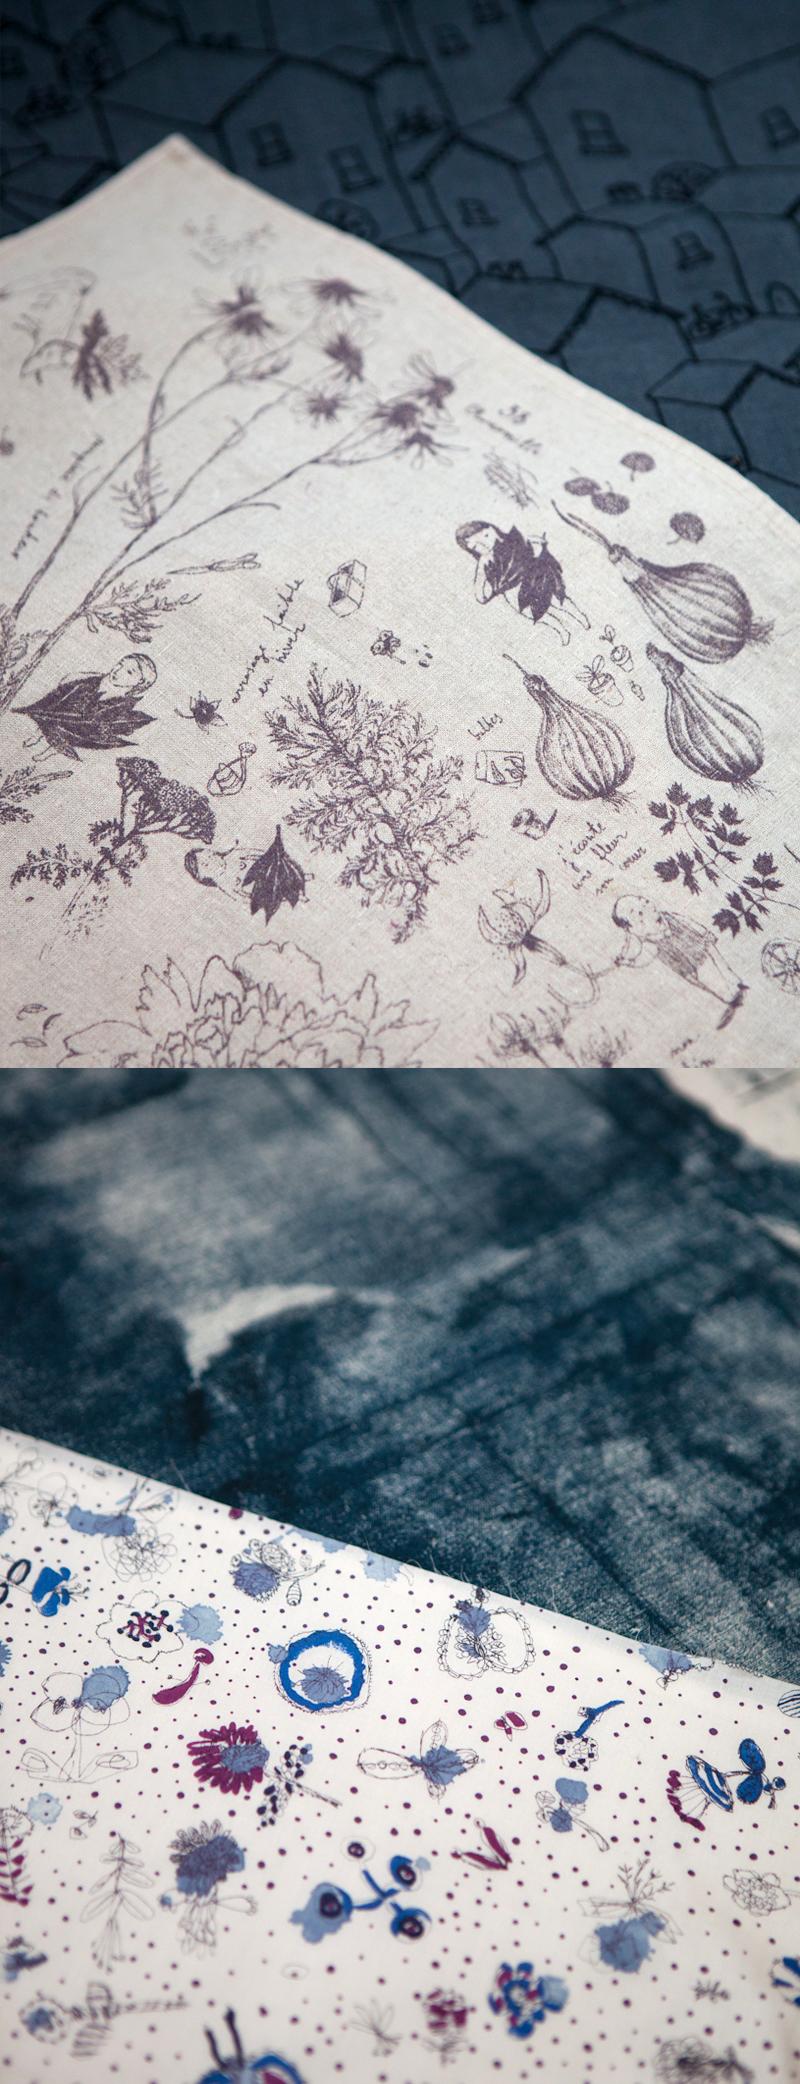 Olivelse-22-01-2012-03